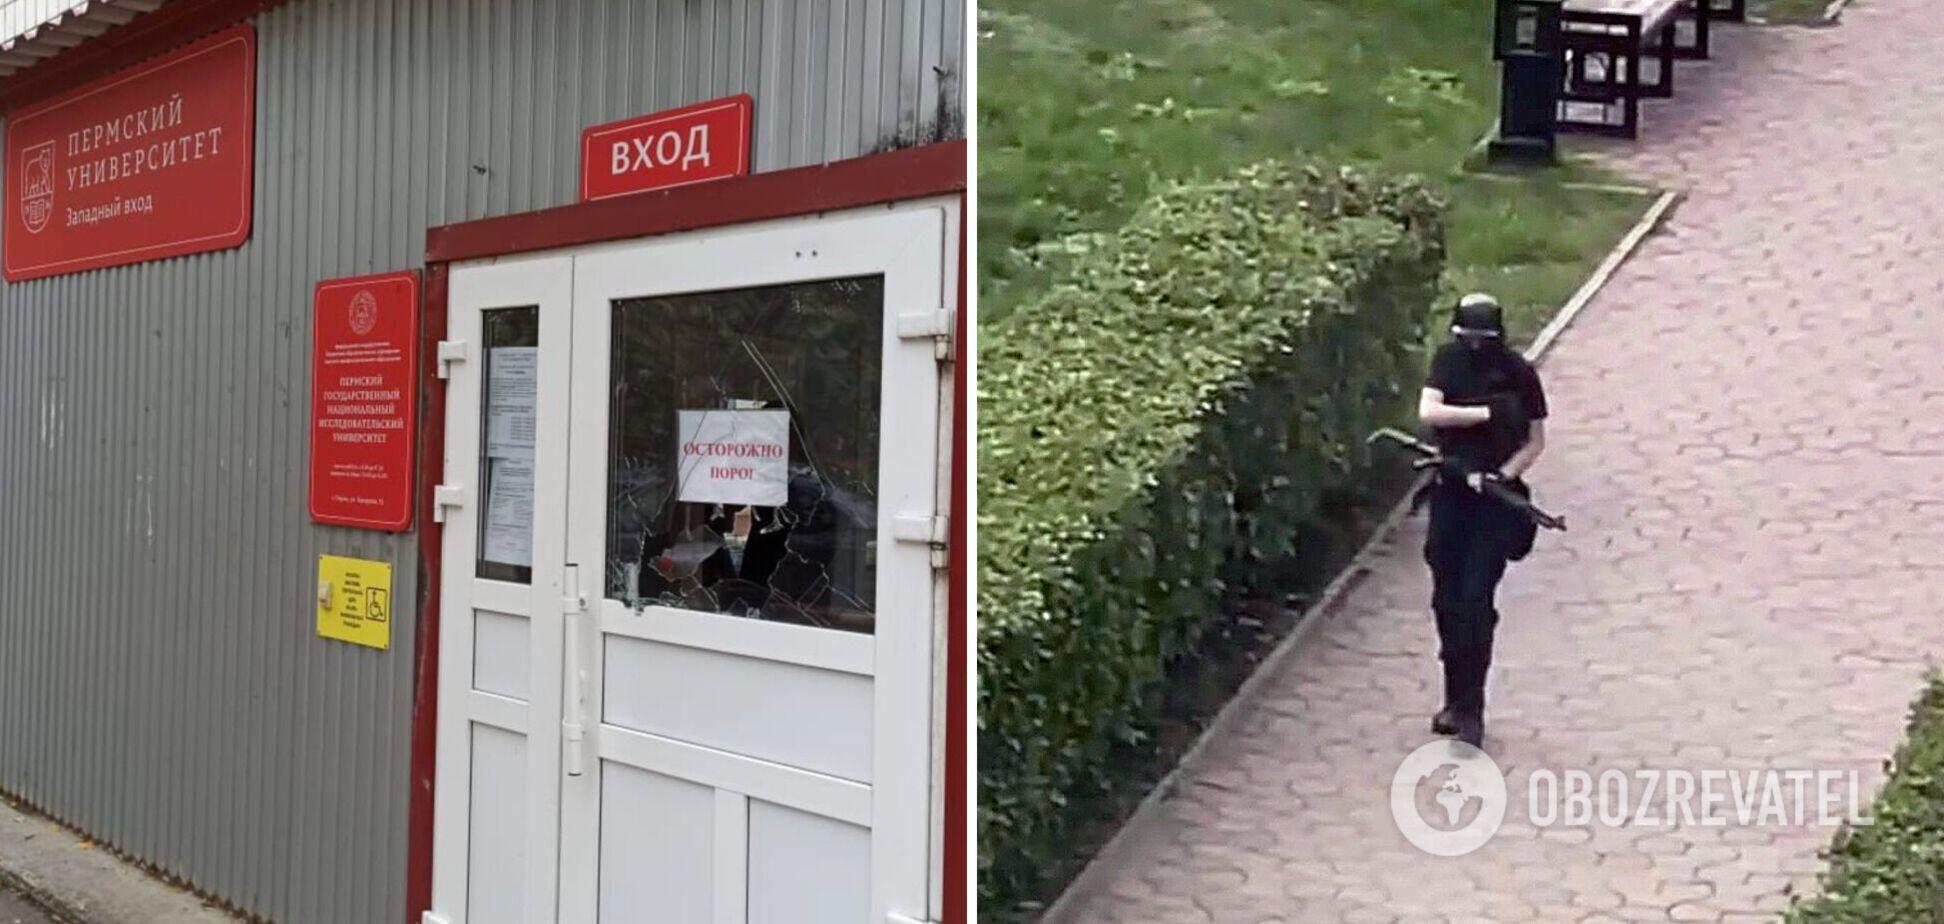 Студенты разбегались в панике: появились кадры нападения на университет в Перми. Видео